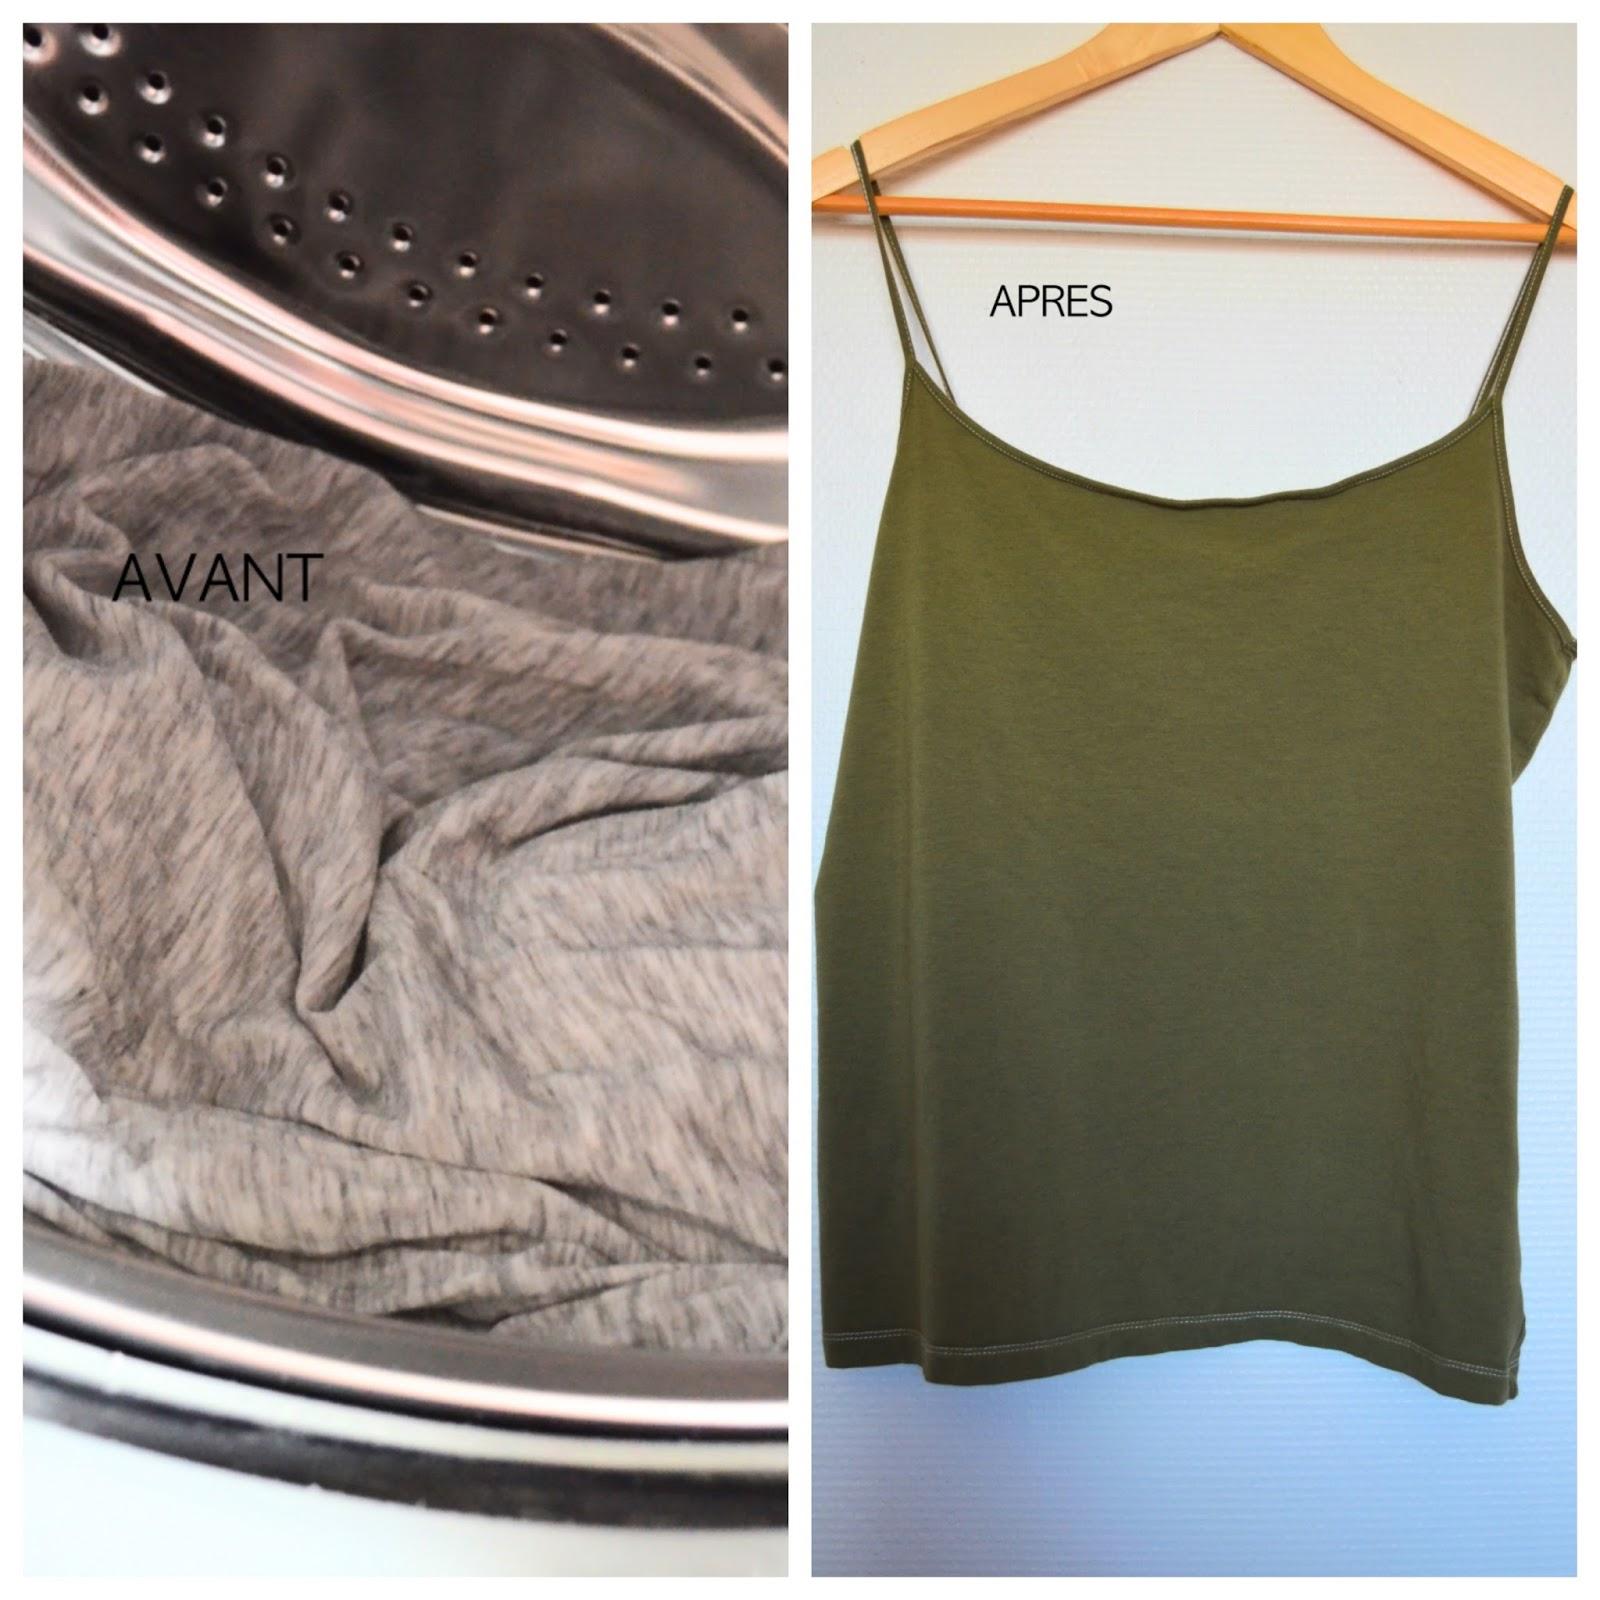 Changer de couleur de v tement ou de d coration c 39 est possible avec ideal - Teinture textile kaki ...